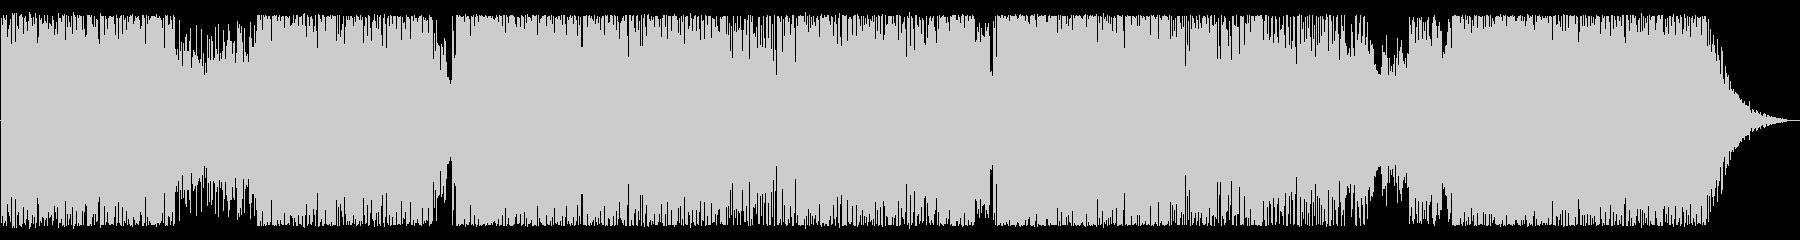 切ない雰囲気のロックバラードの未再生の波形